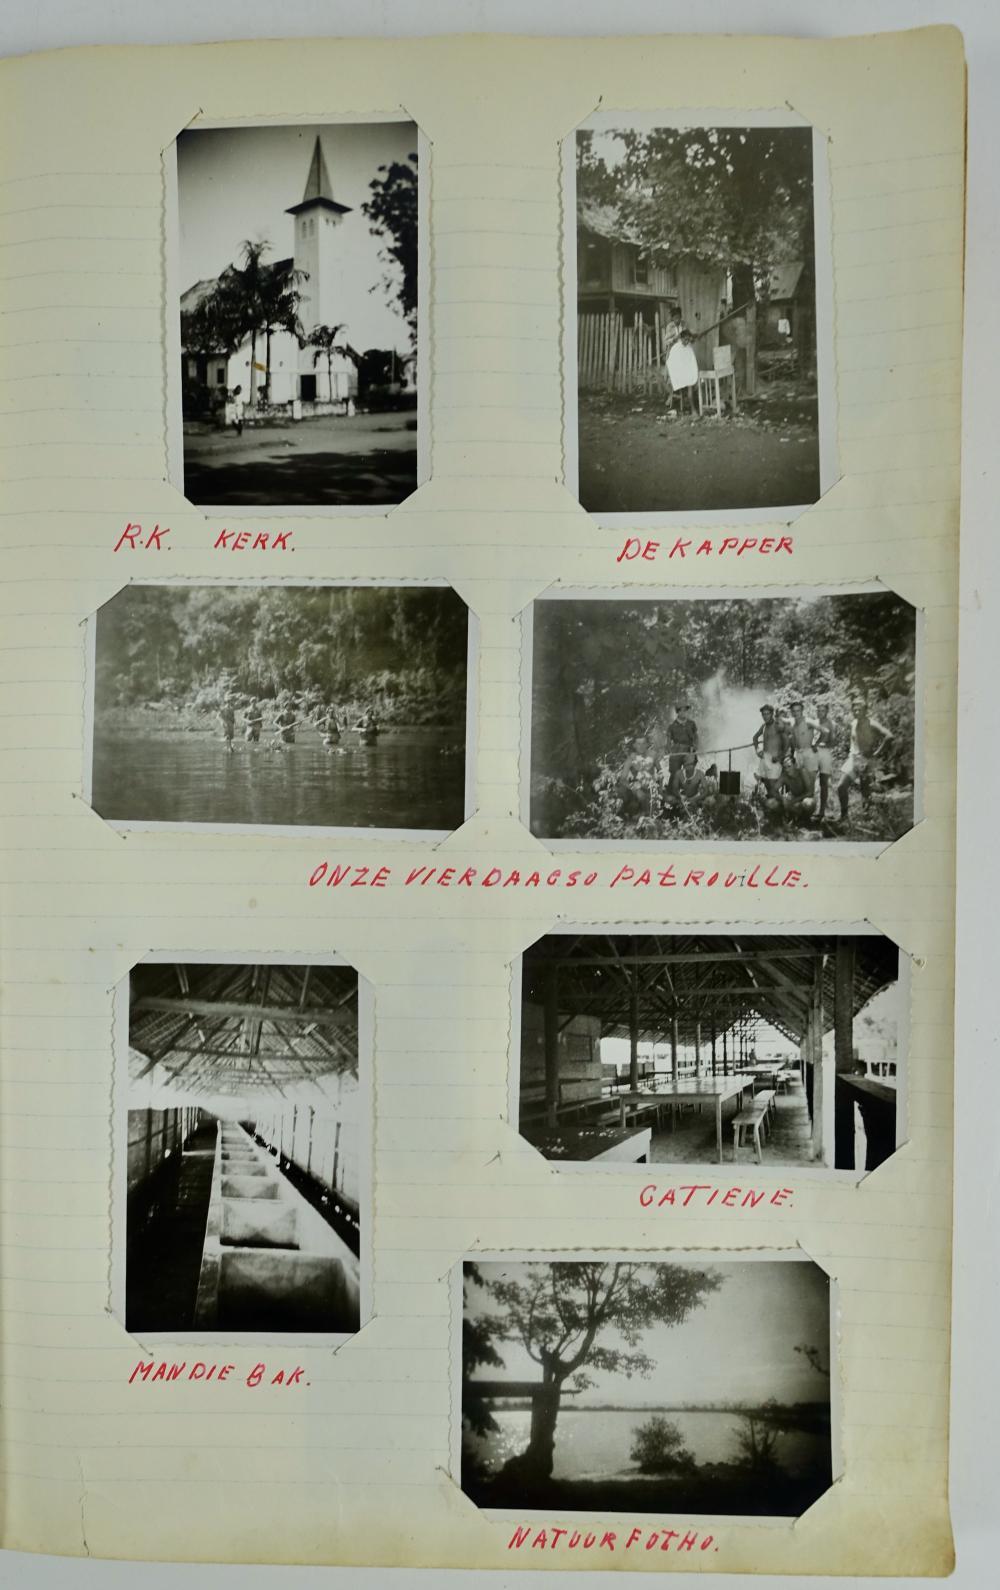 POLITIONELE ACTIES -- PHOTO ALBUM of 'Sold[aa]t van Dalen, L. (Leo